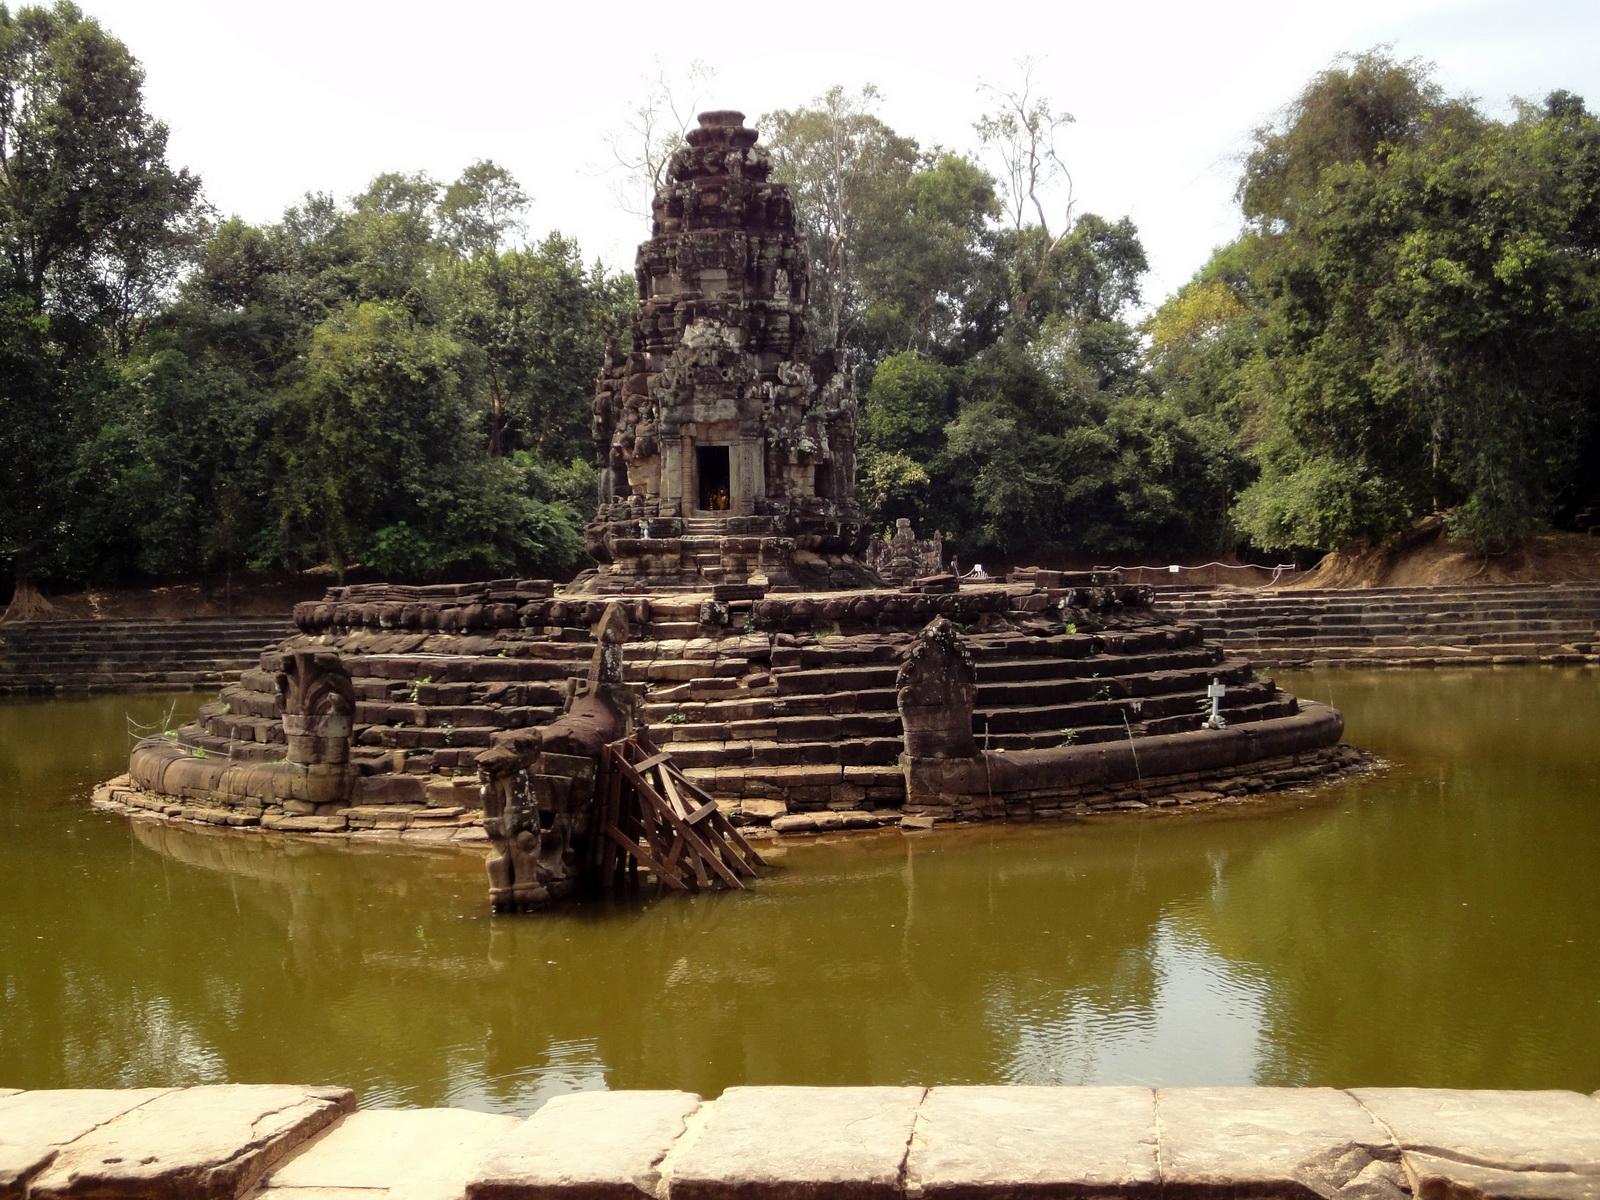 Neak Pean Temple sanctuary and artificial pond 03